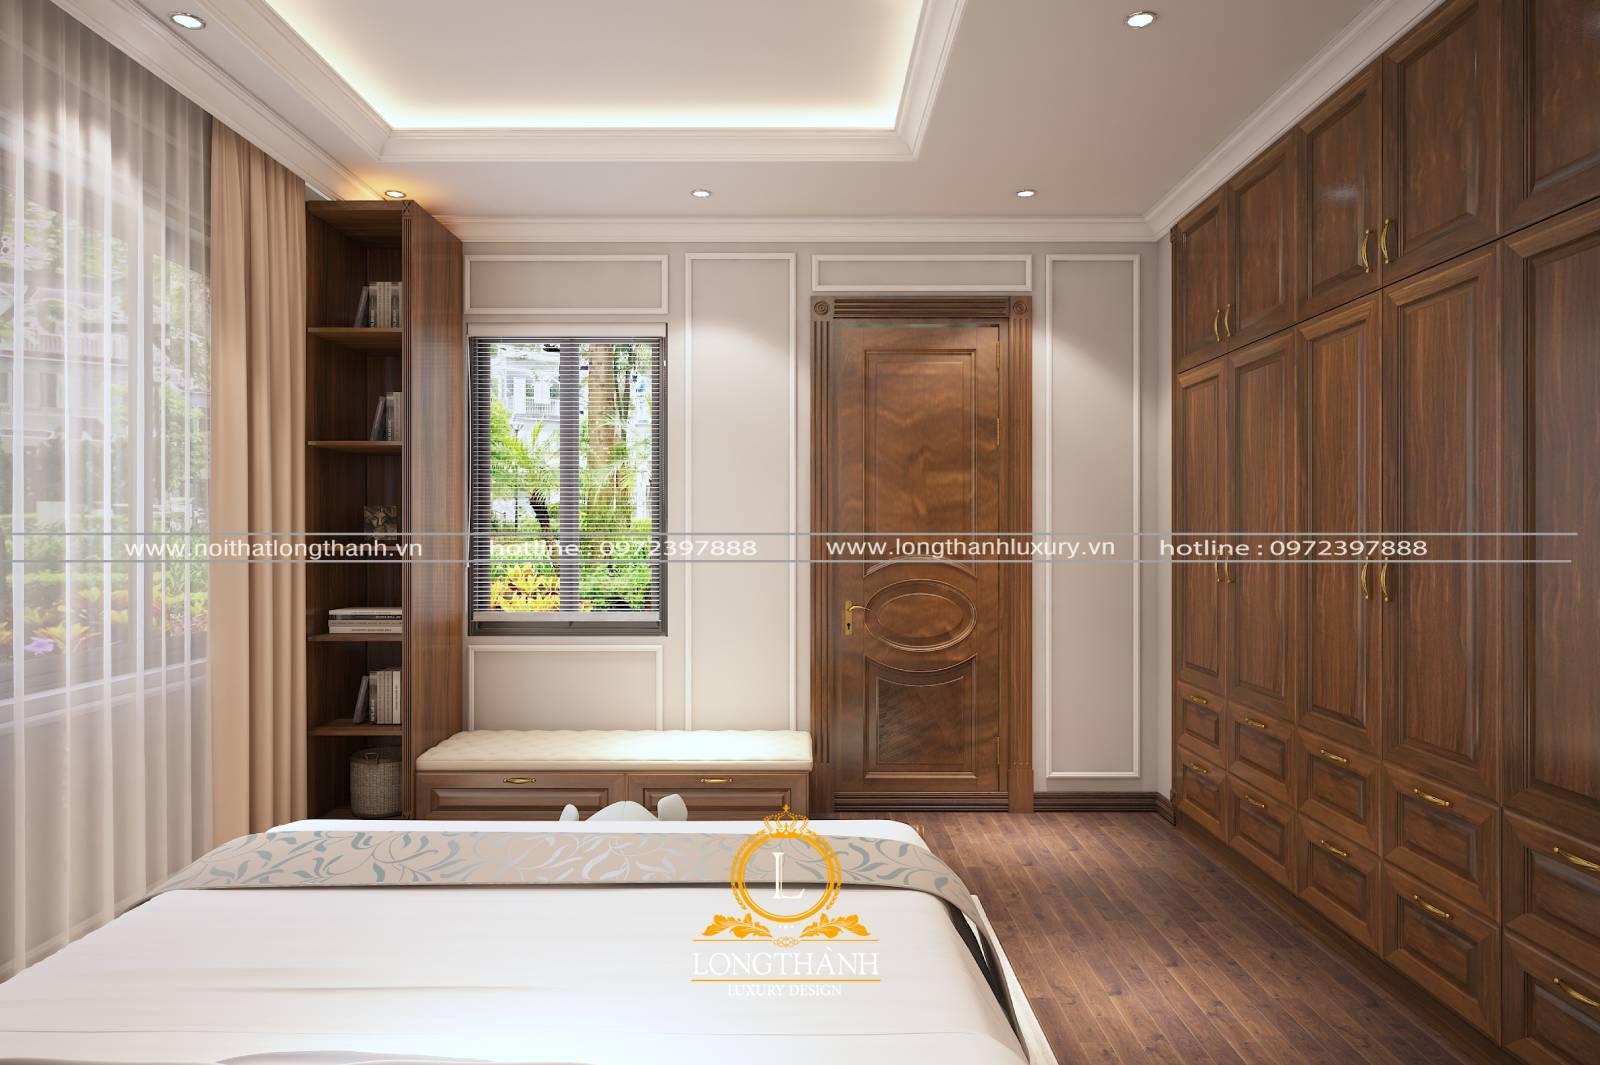 Cửa gỗ tân cổ điển cho phòng ngủ nhỏ đồng đều với đồ nội thất